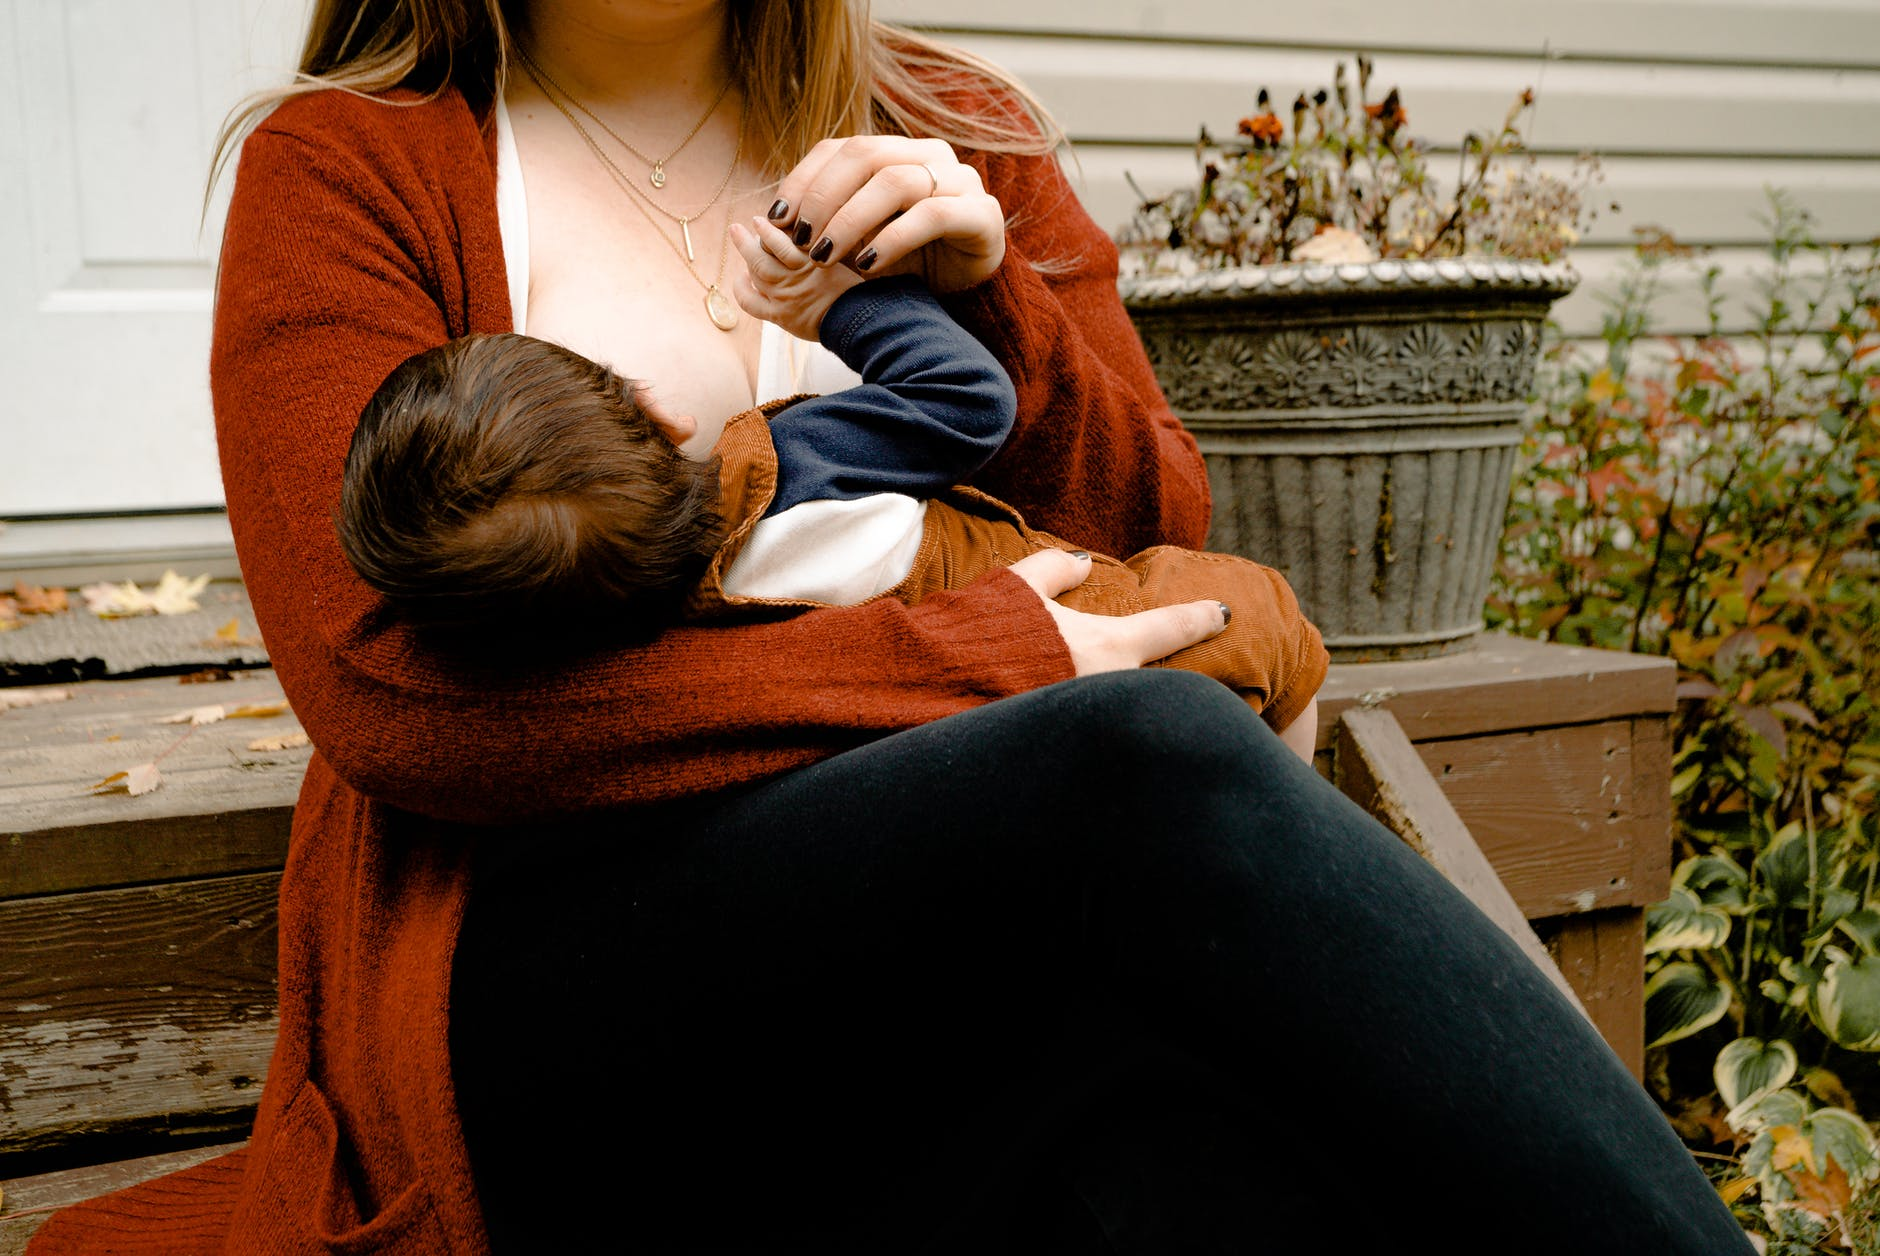 Bé cắn vú mẹ khi bú, nguyên nhân và biện pháp xử lý đúng